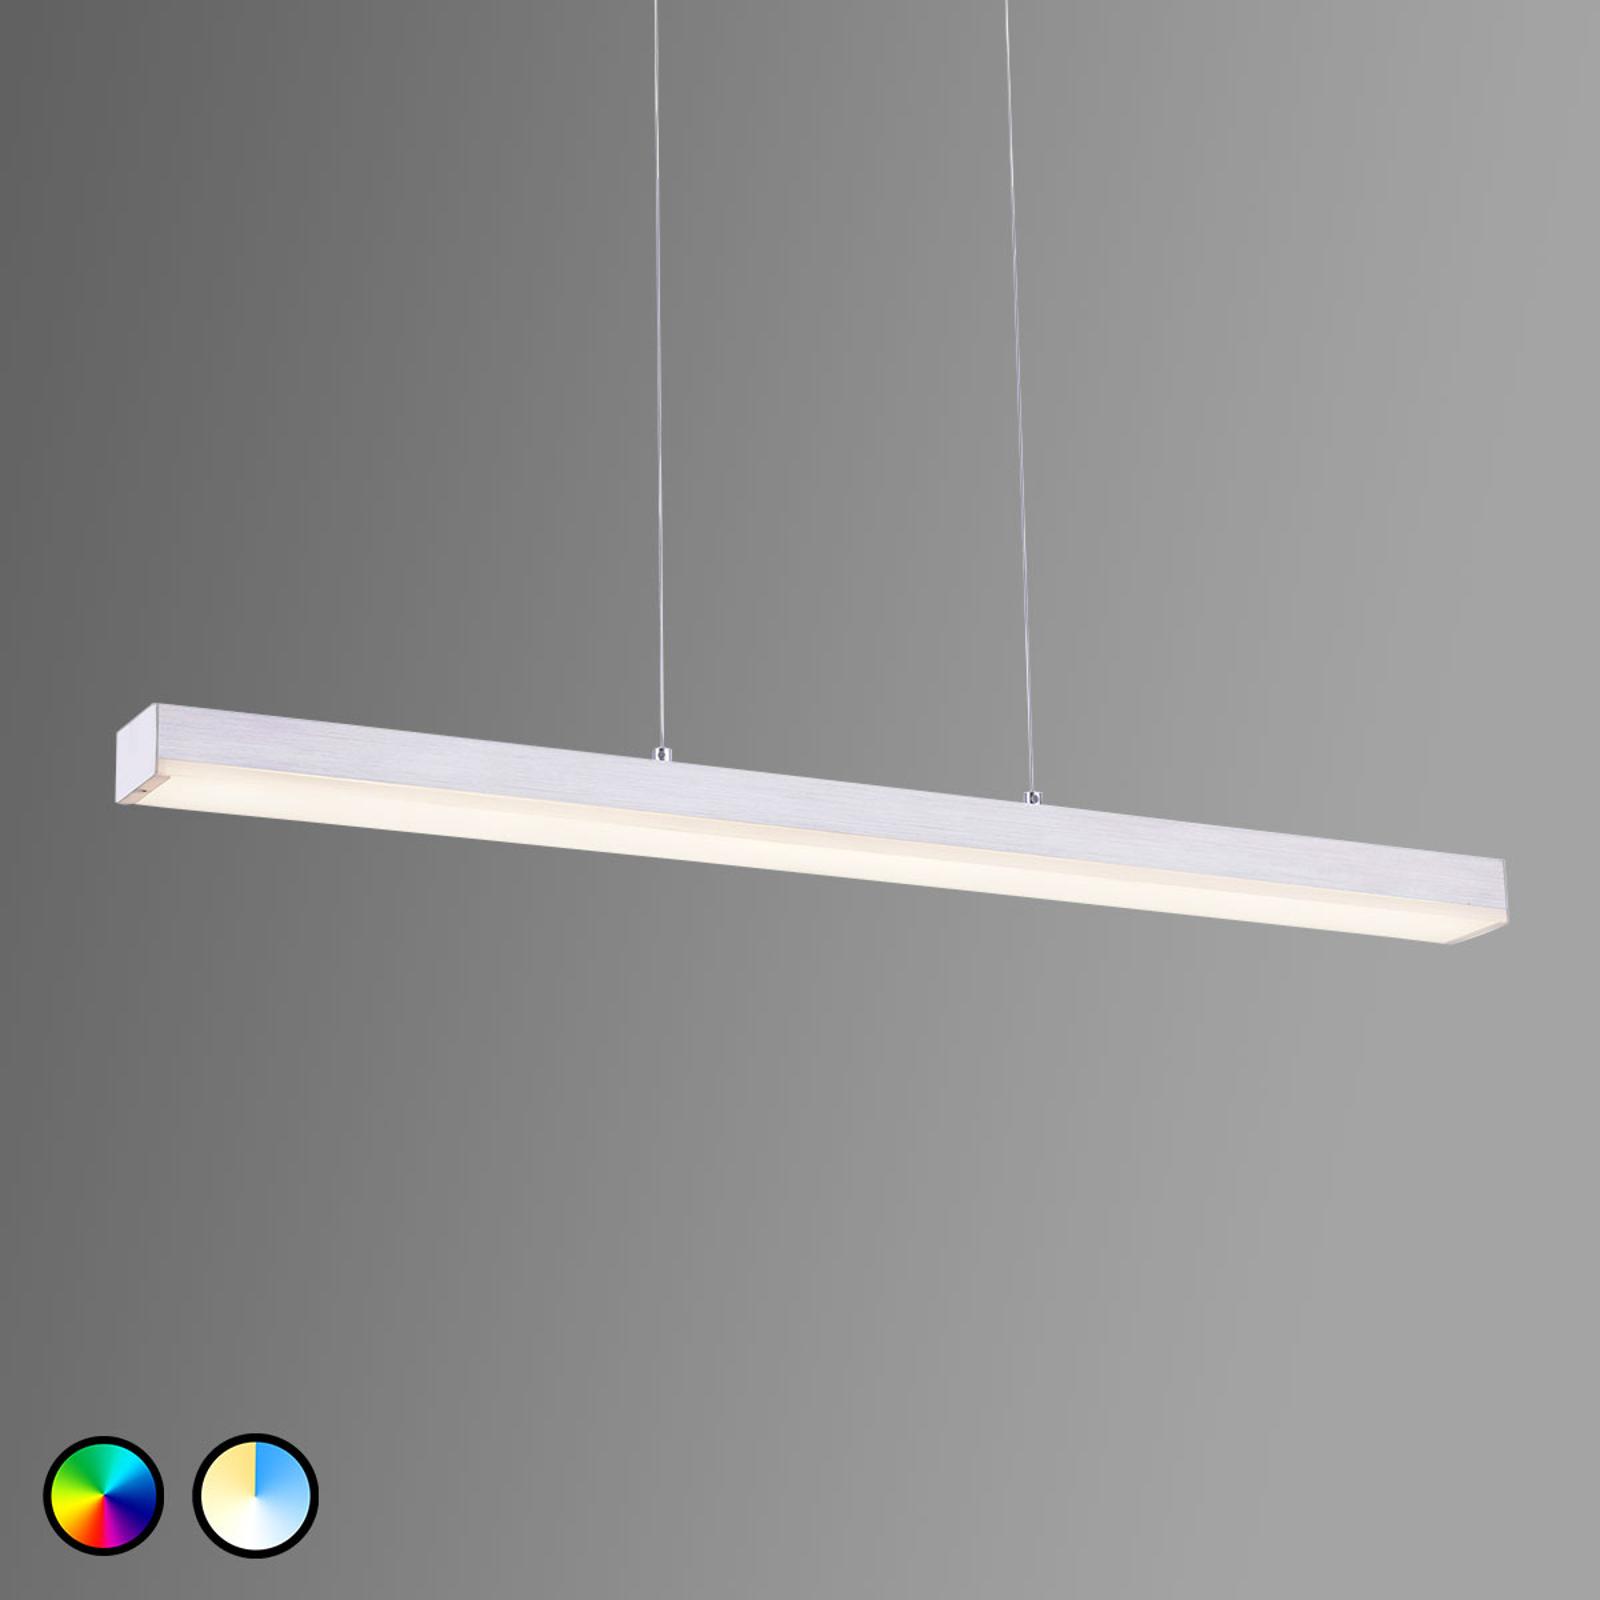 Trio WiZ Livaro lampa wisząca LED nikiel matowy